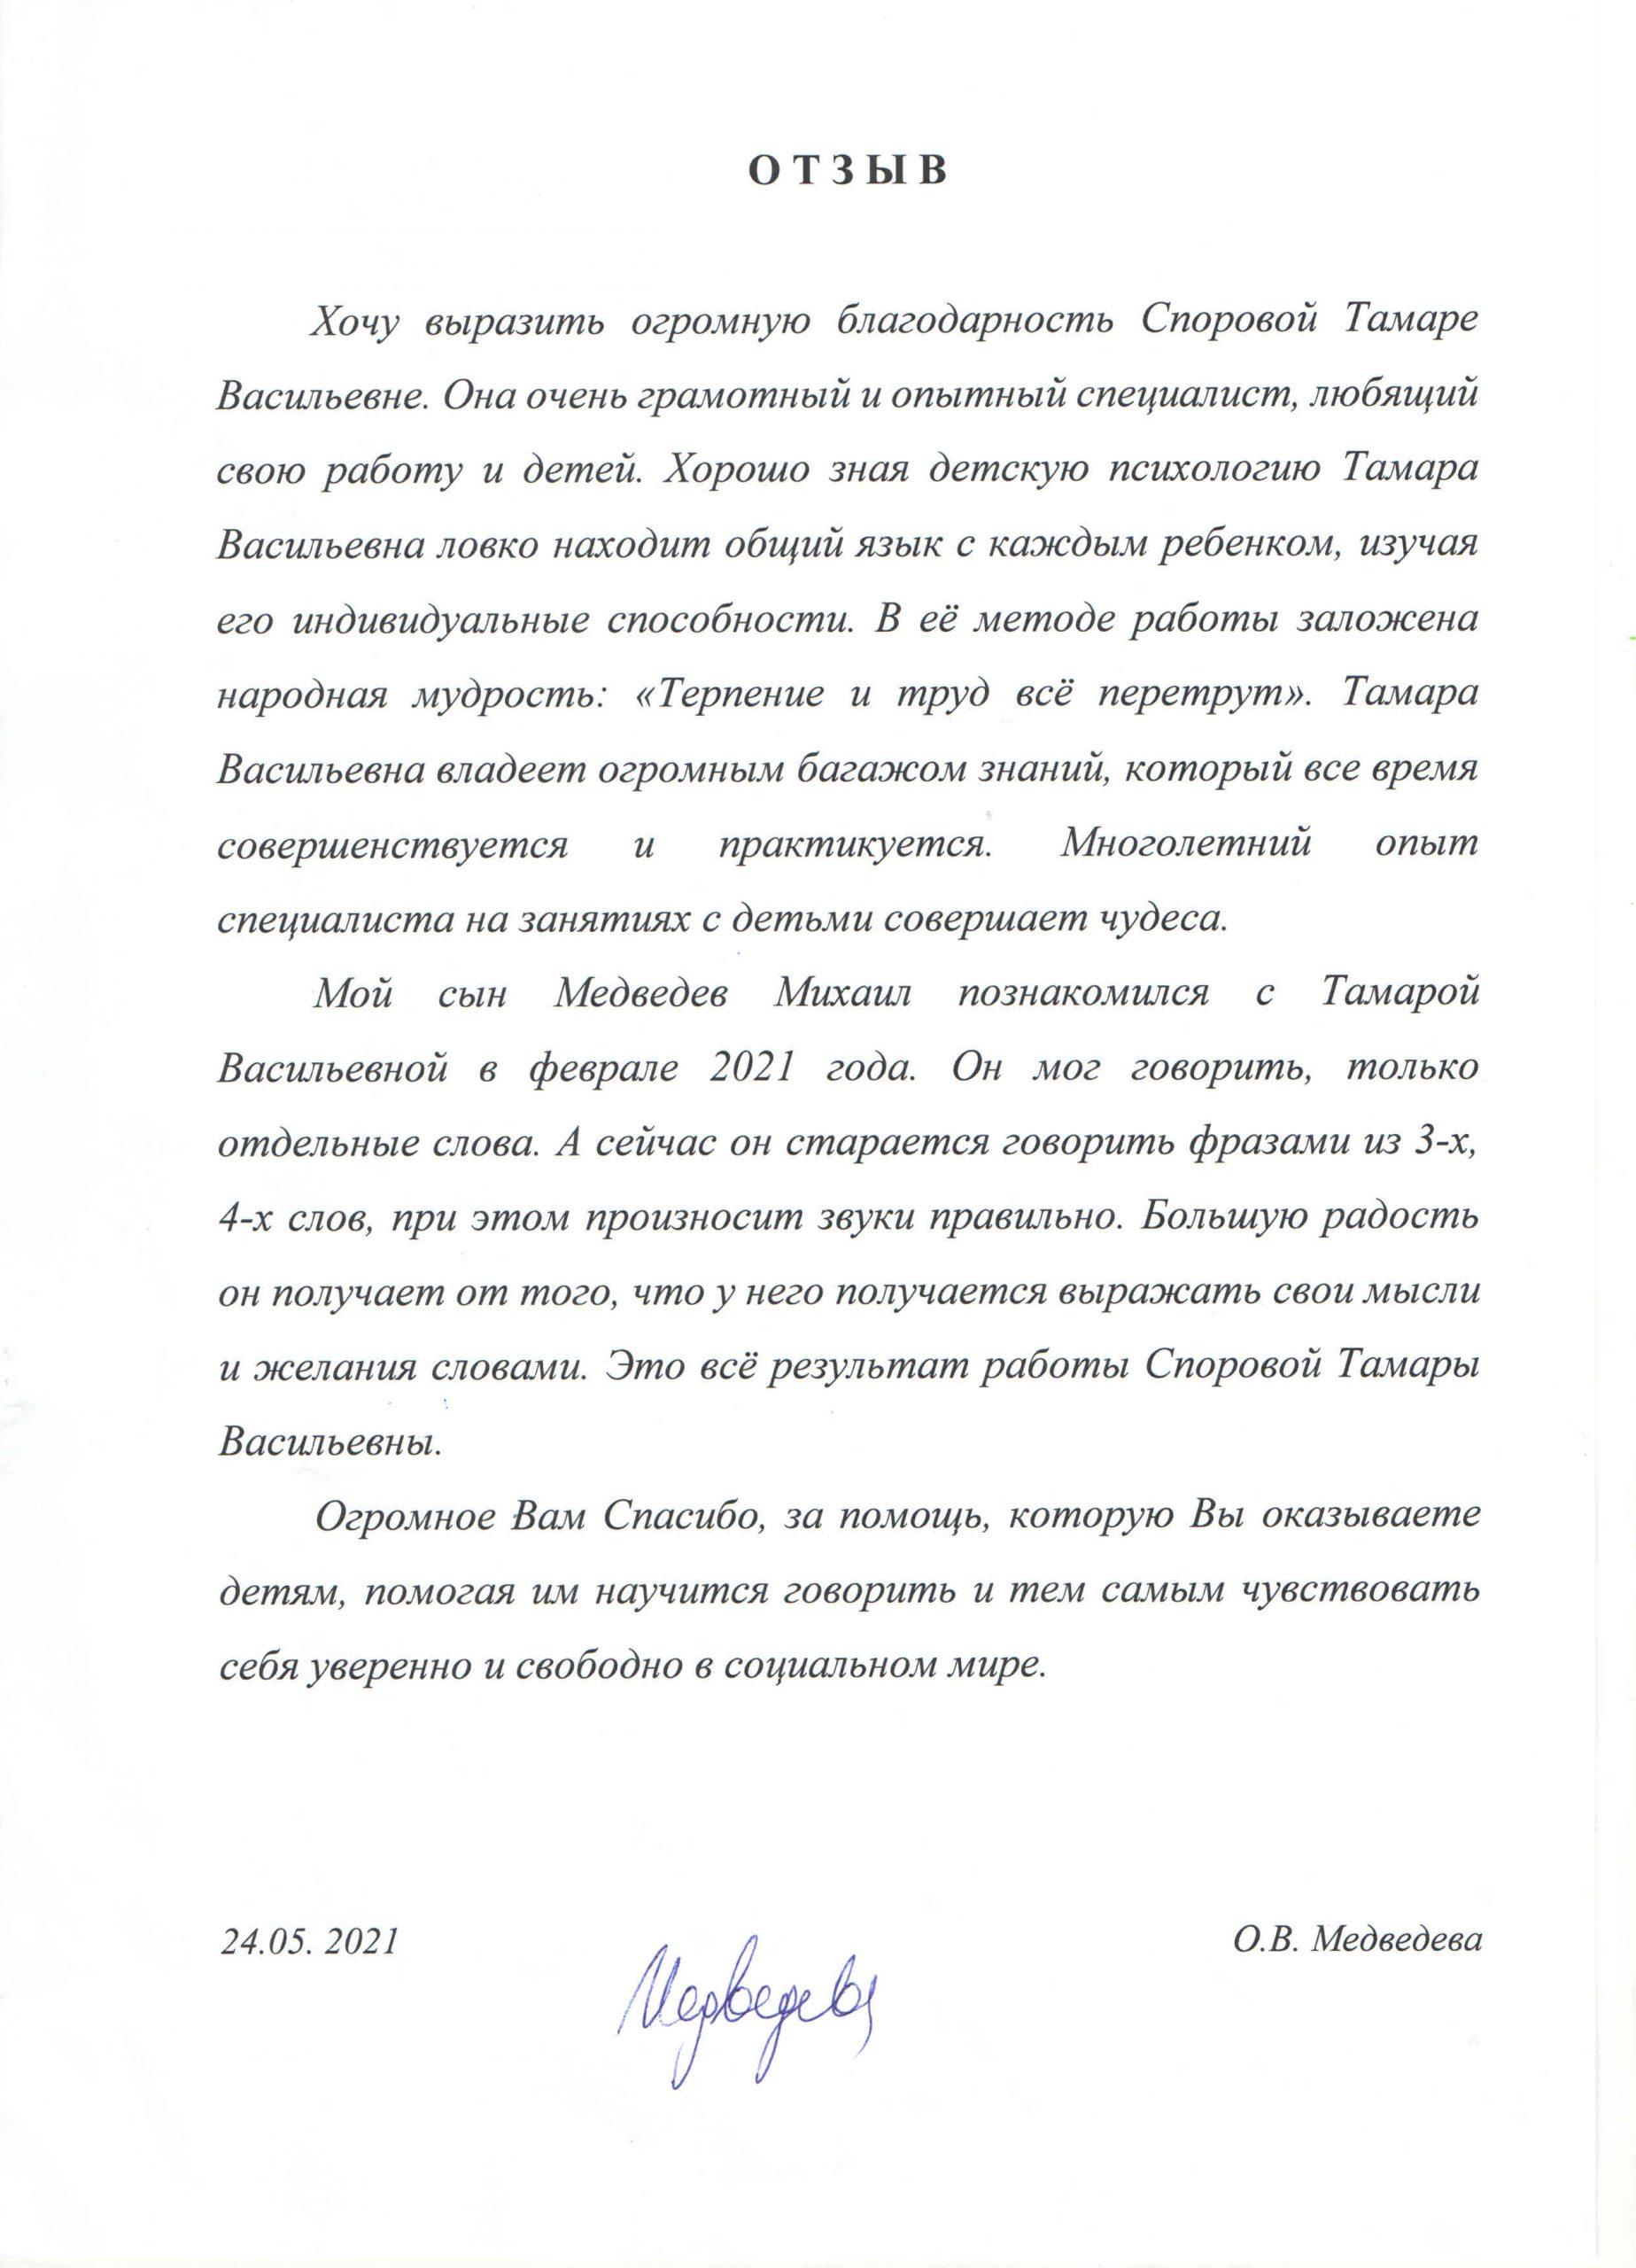 Спорова 24.05.2021